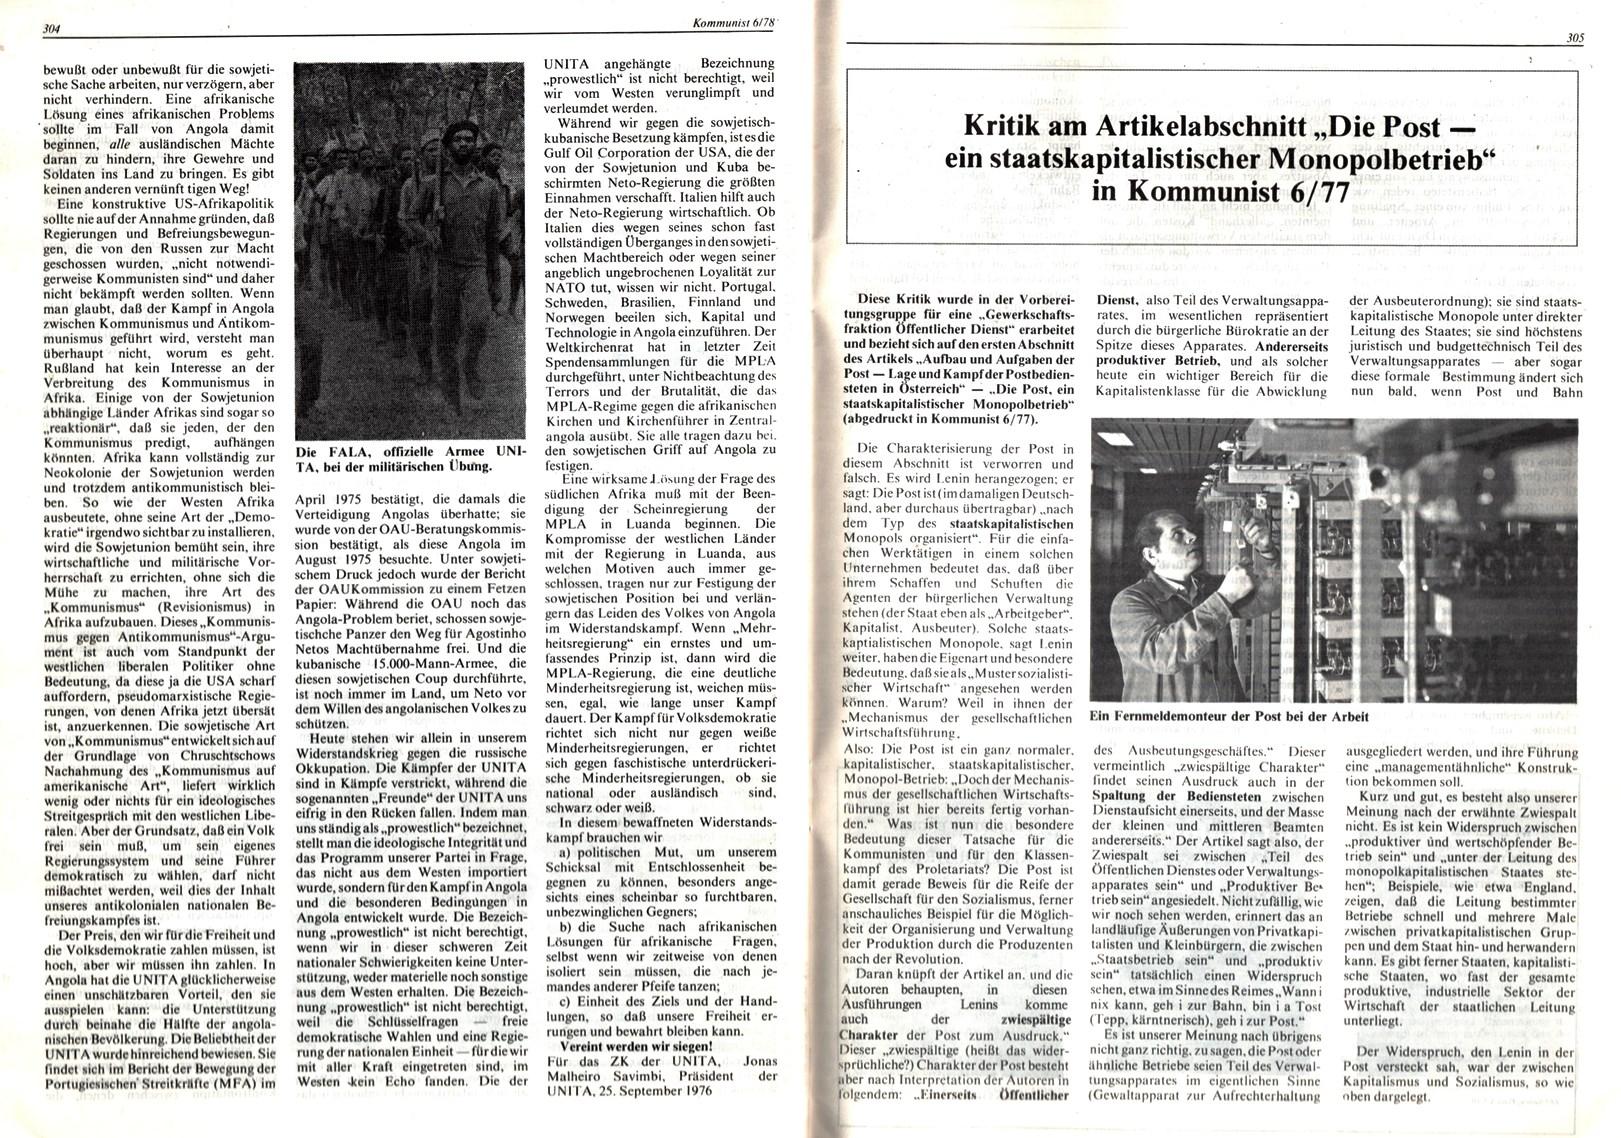 KBOe_TO_Kommunist_19780800_006_016